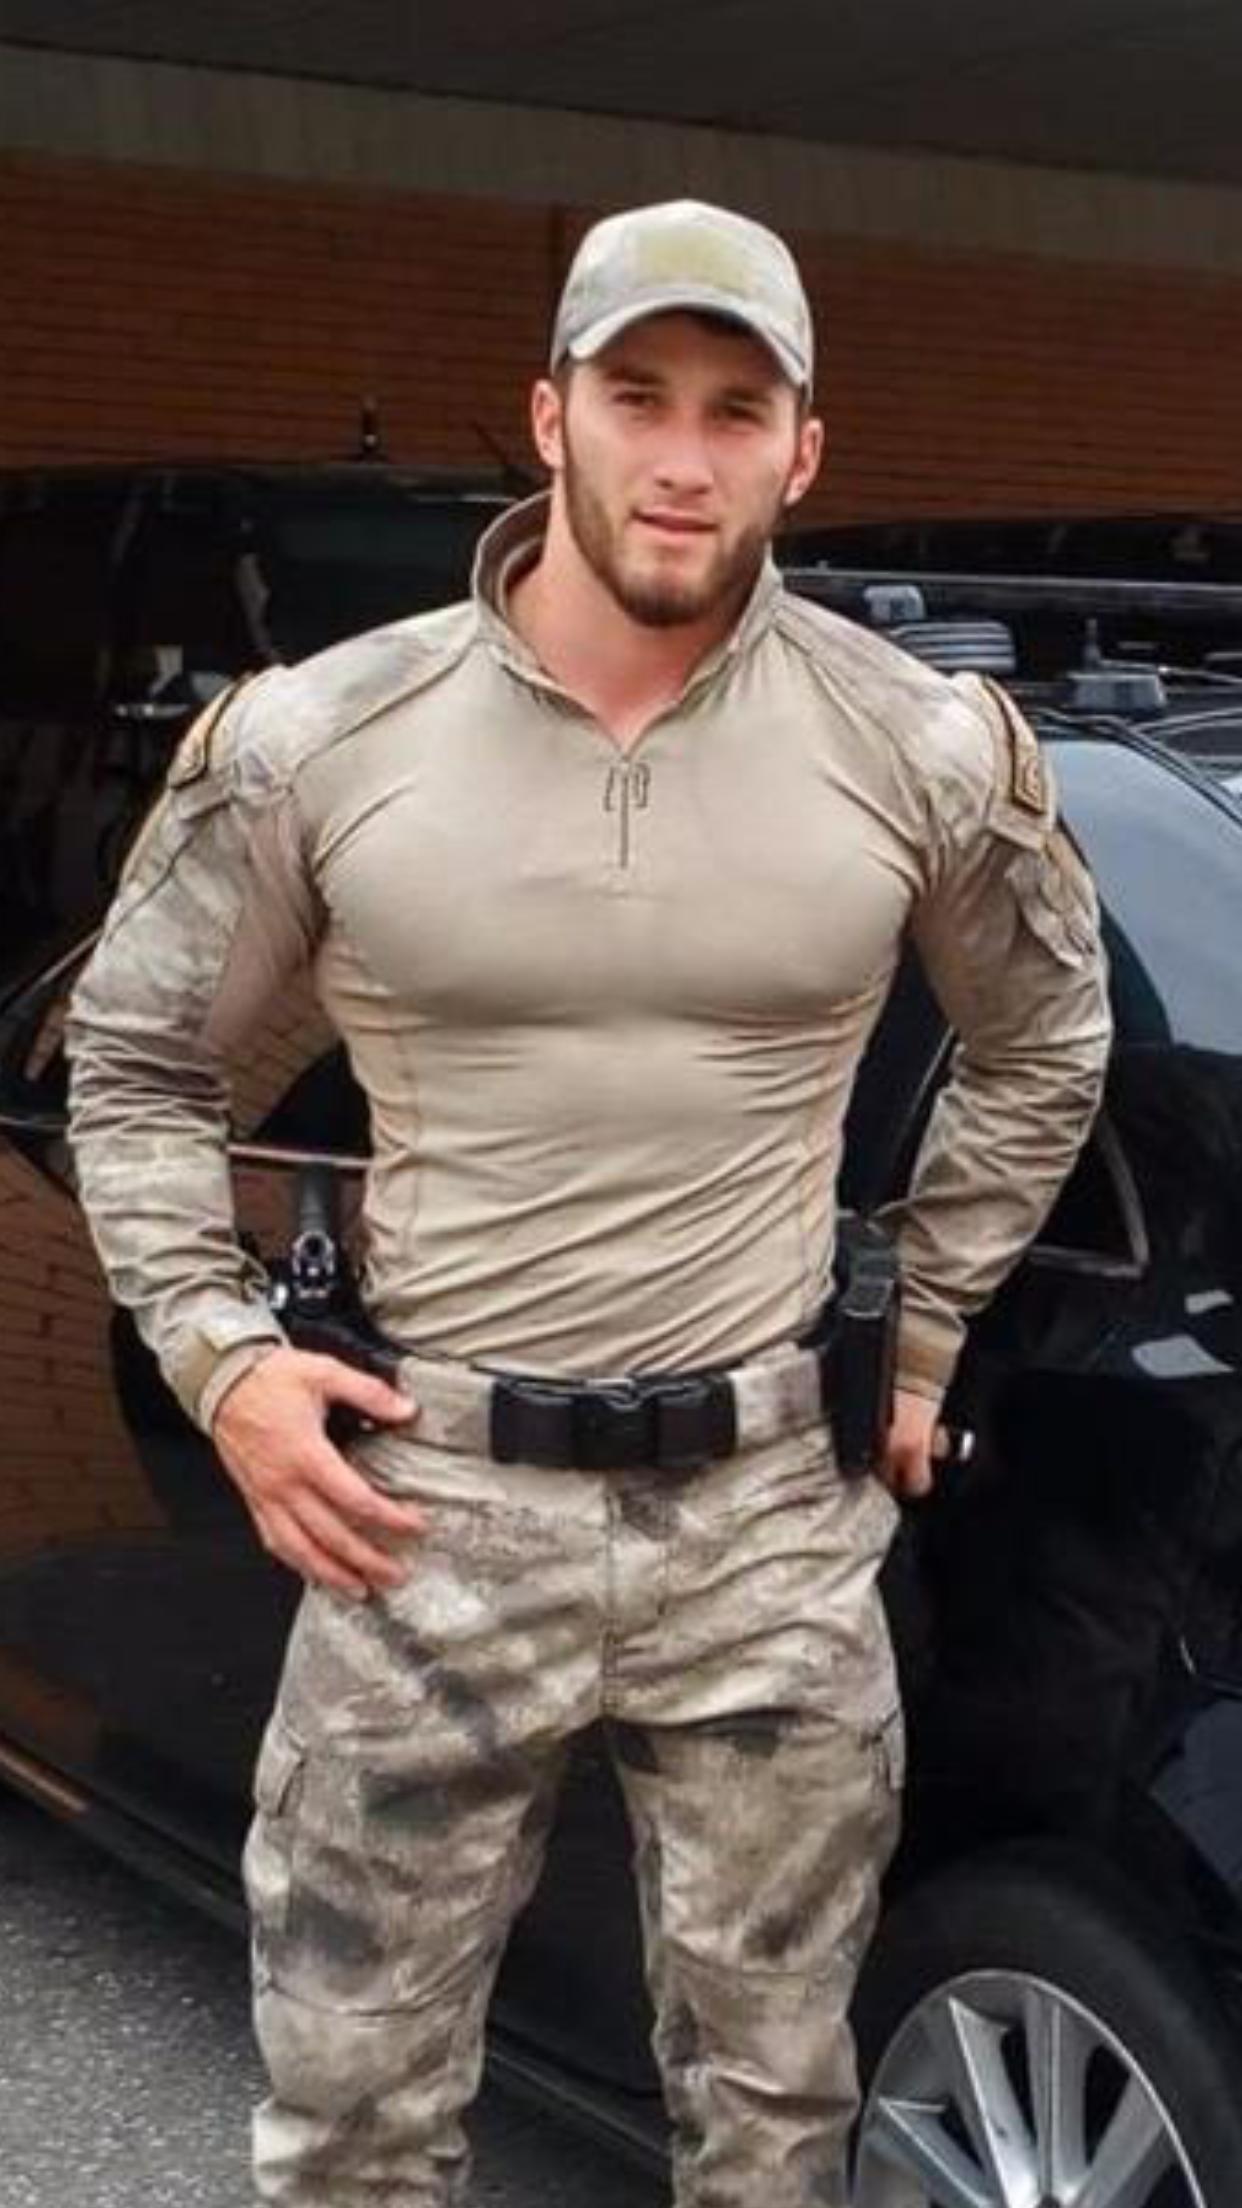 Pin on Gay / Jean Mi / Military